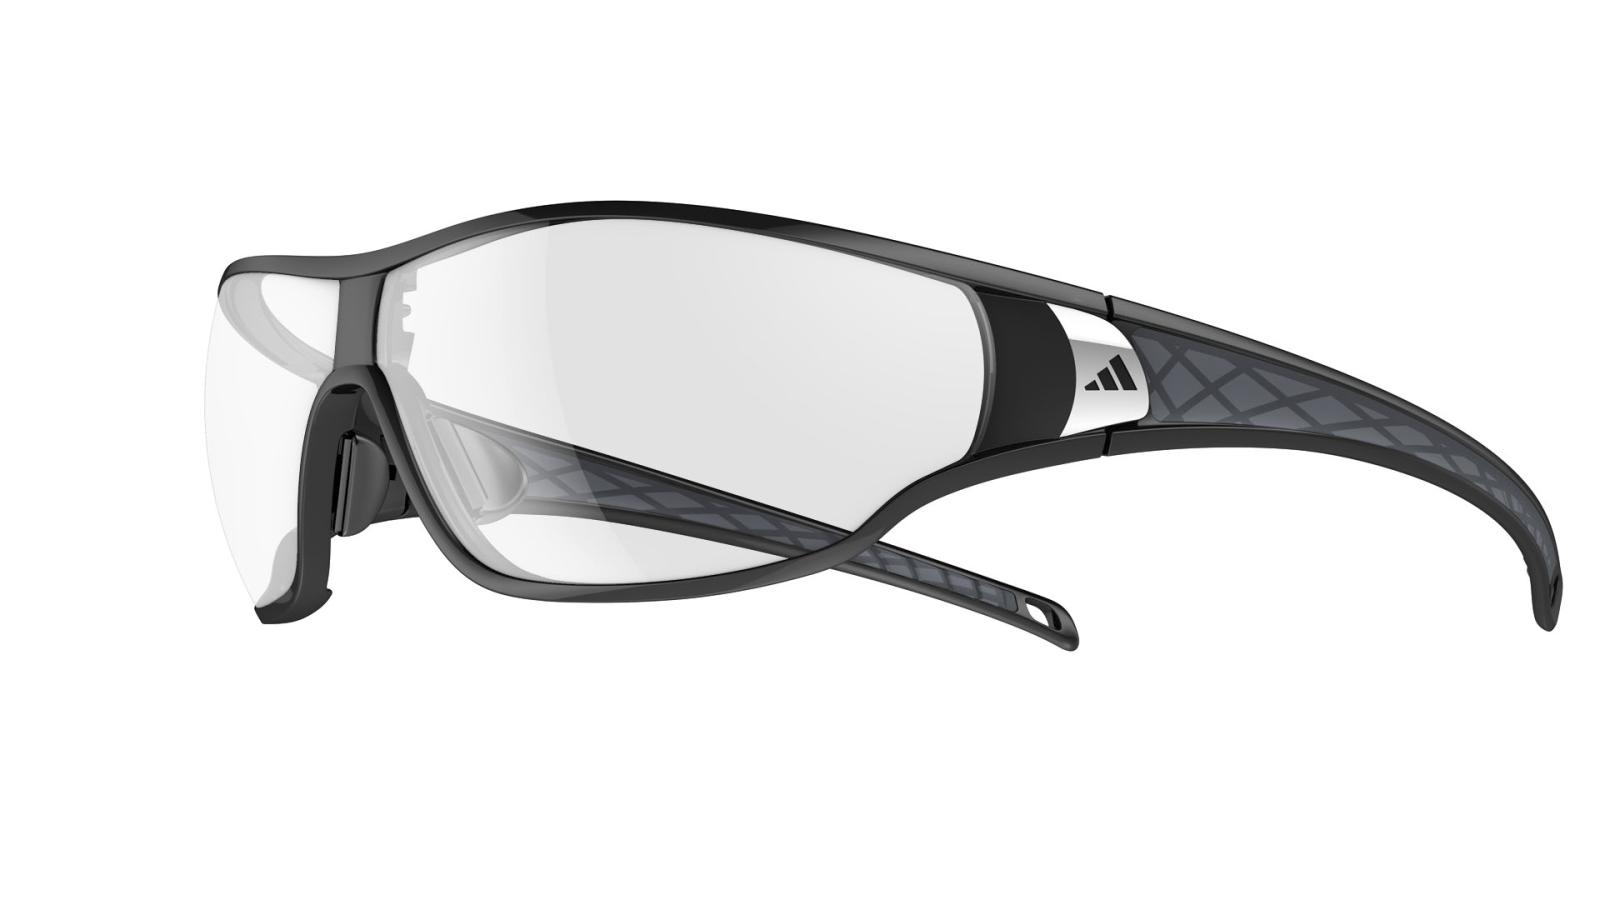 Gafas de sol Adidas TYCANE S A192 6061 Lentes LST Vario-0